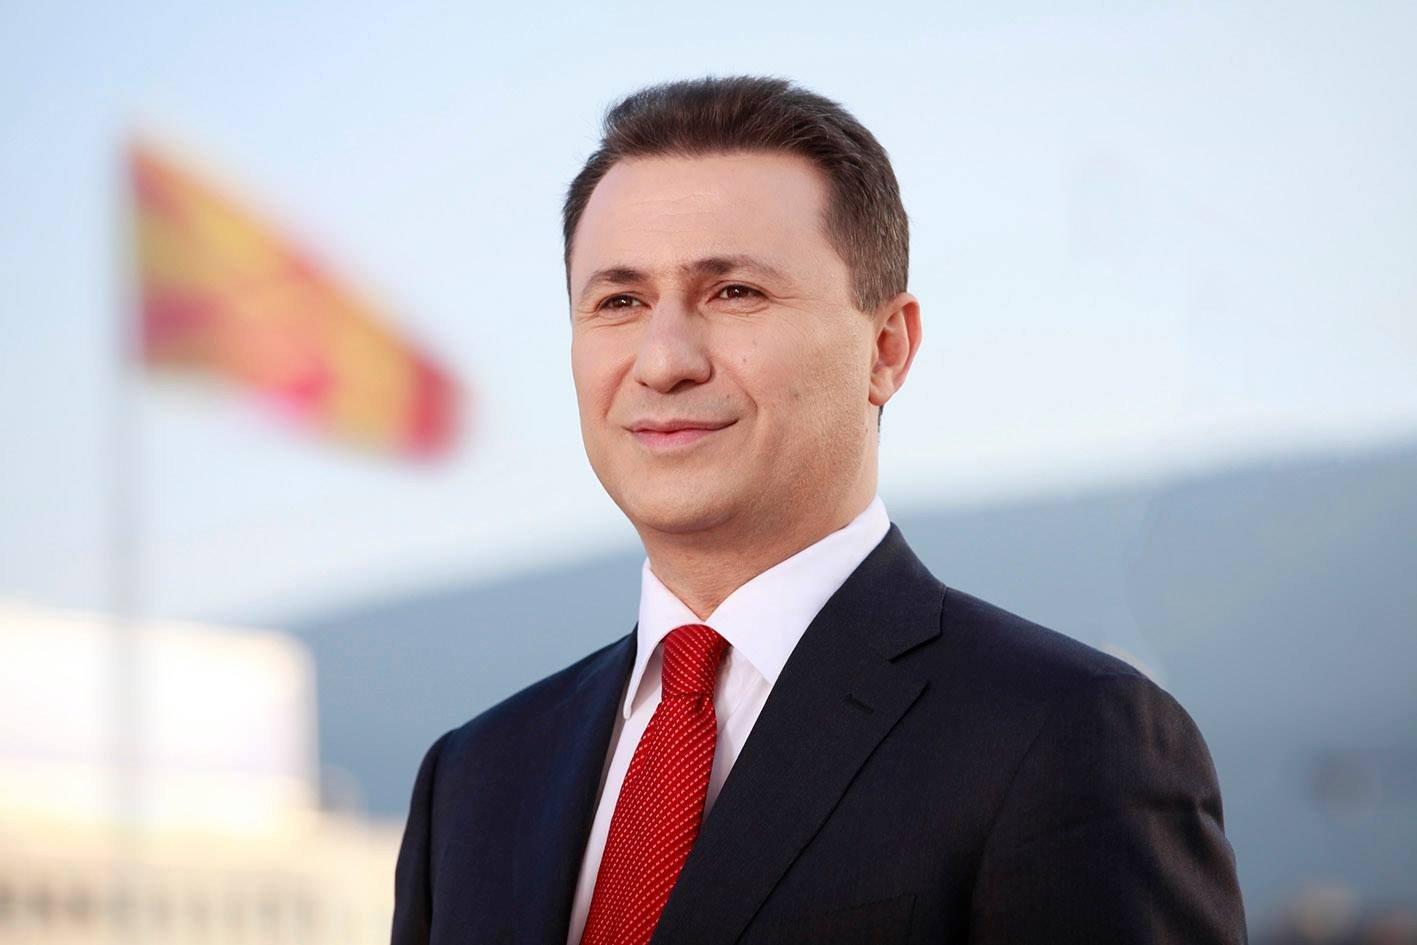 Прошлый премьер Македонии приговорен кдвум годам заключения из-за покупки элитного «Мерседеса»